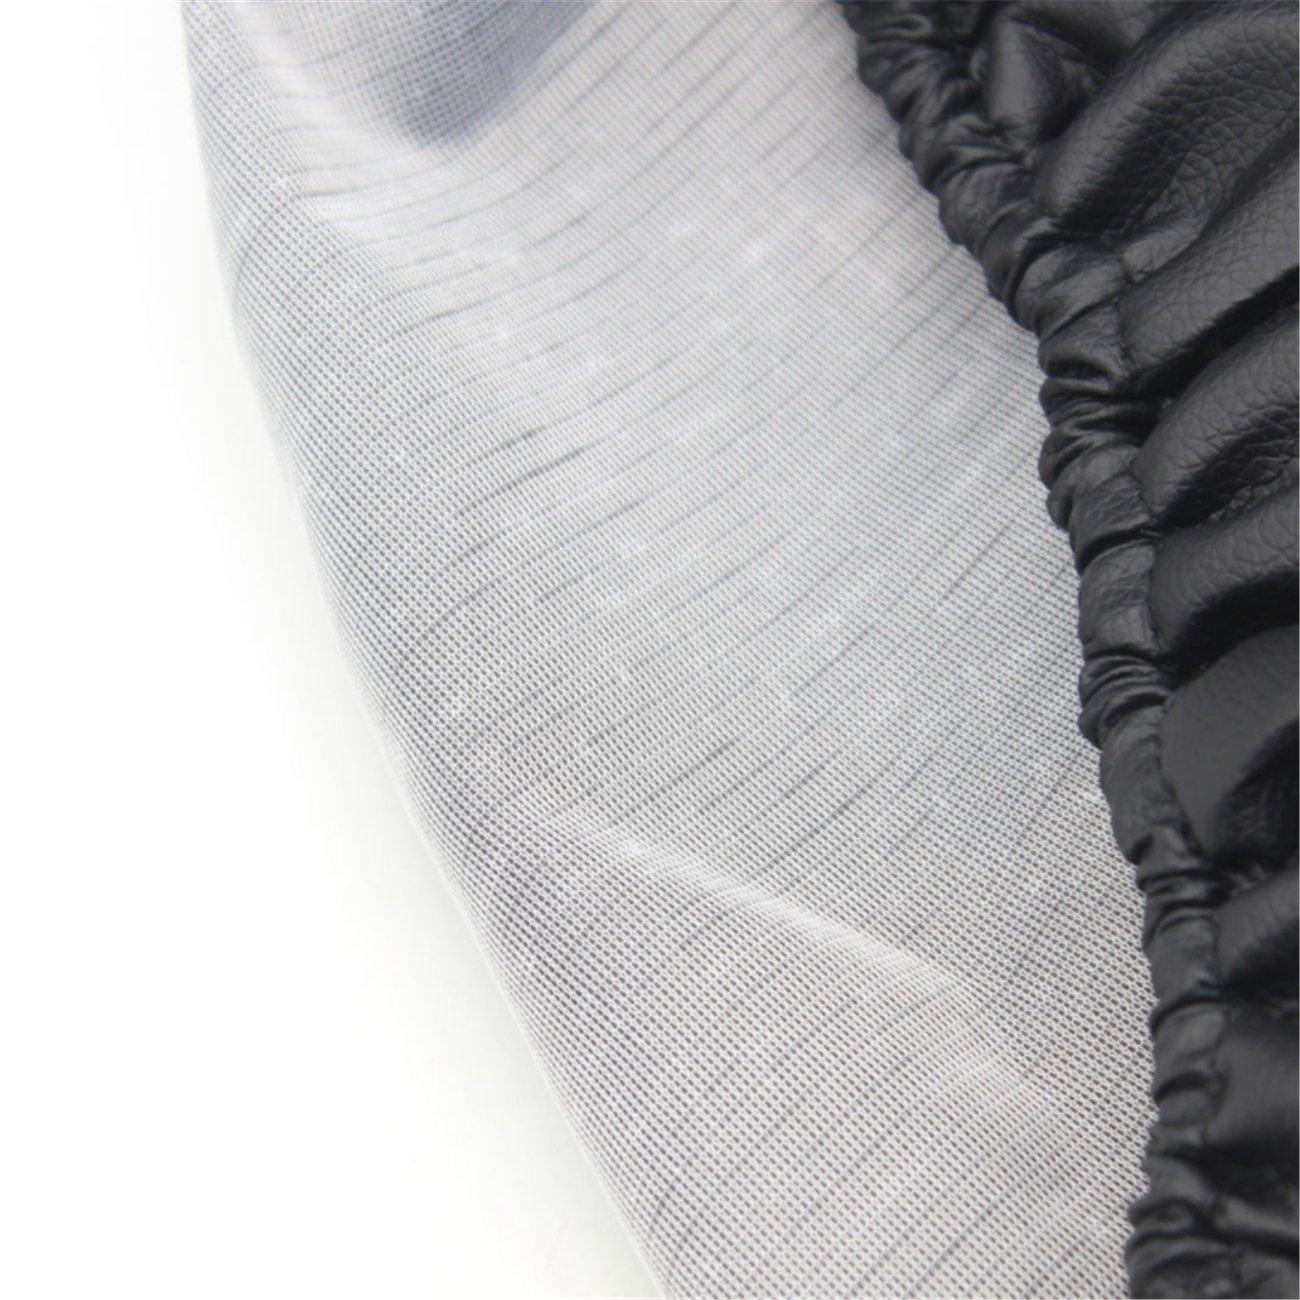 Housse de pneus Housses de Roue de Secours Tiger Animal PU Cuir Protecteur diam/ètre de 66cm